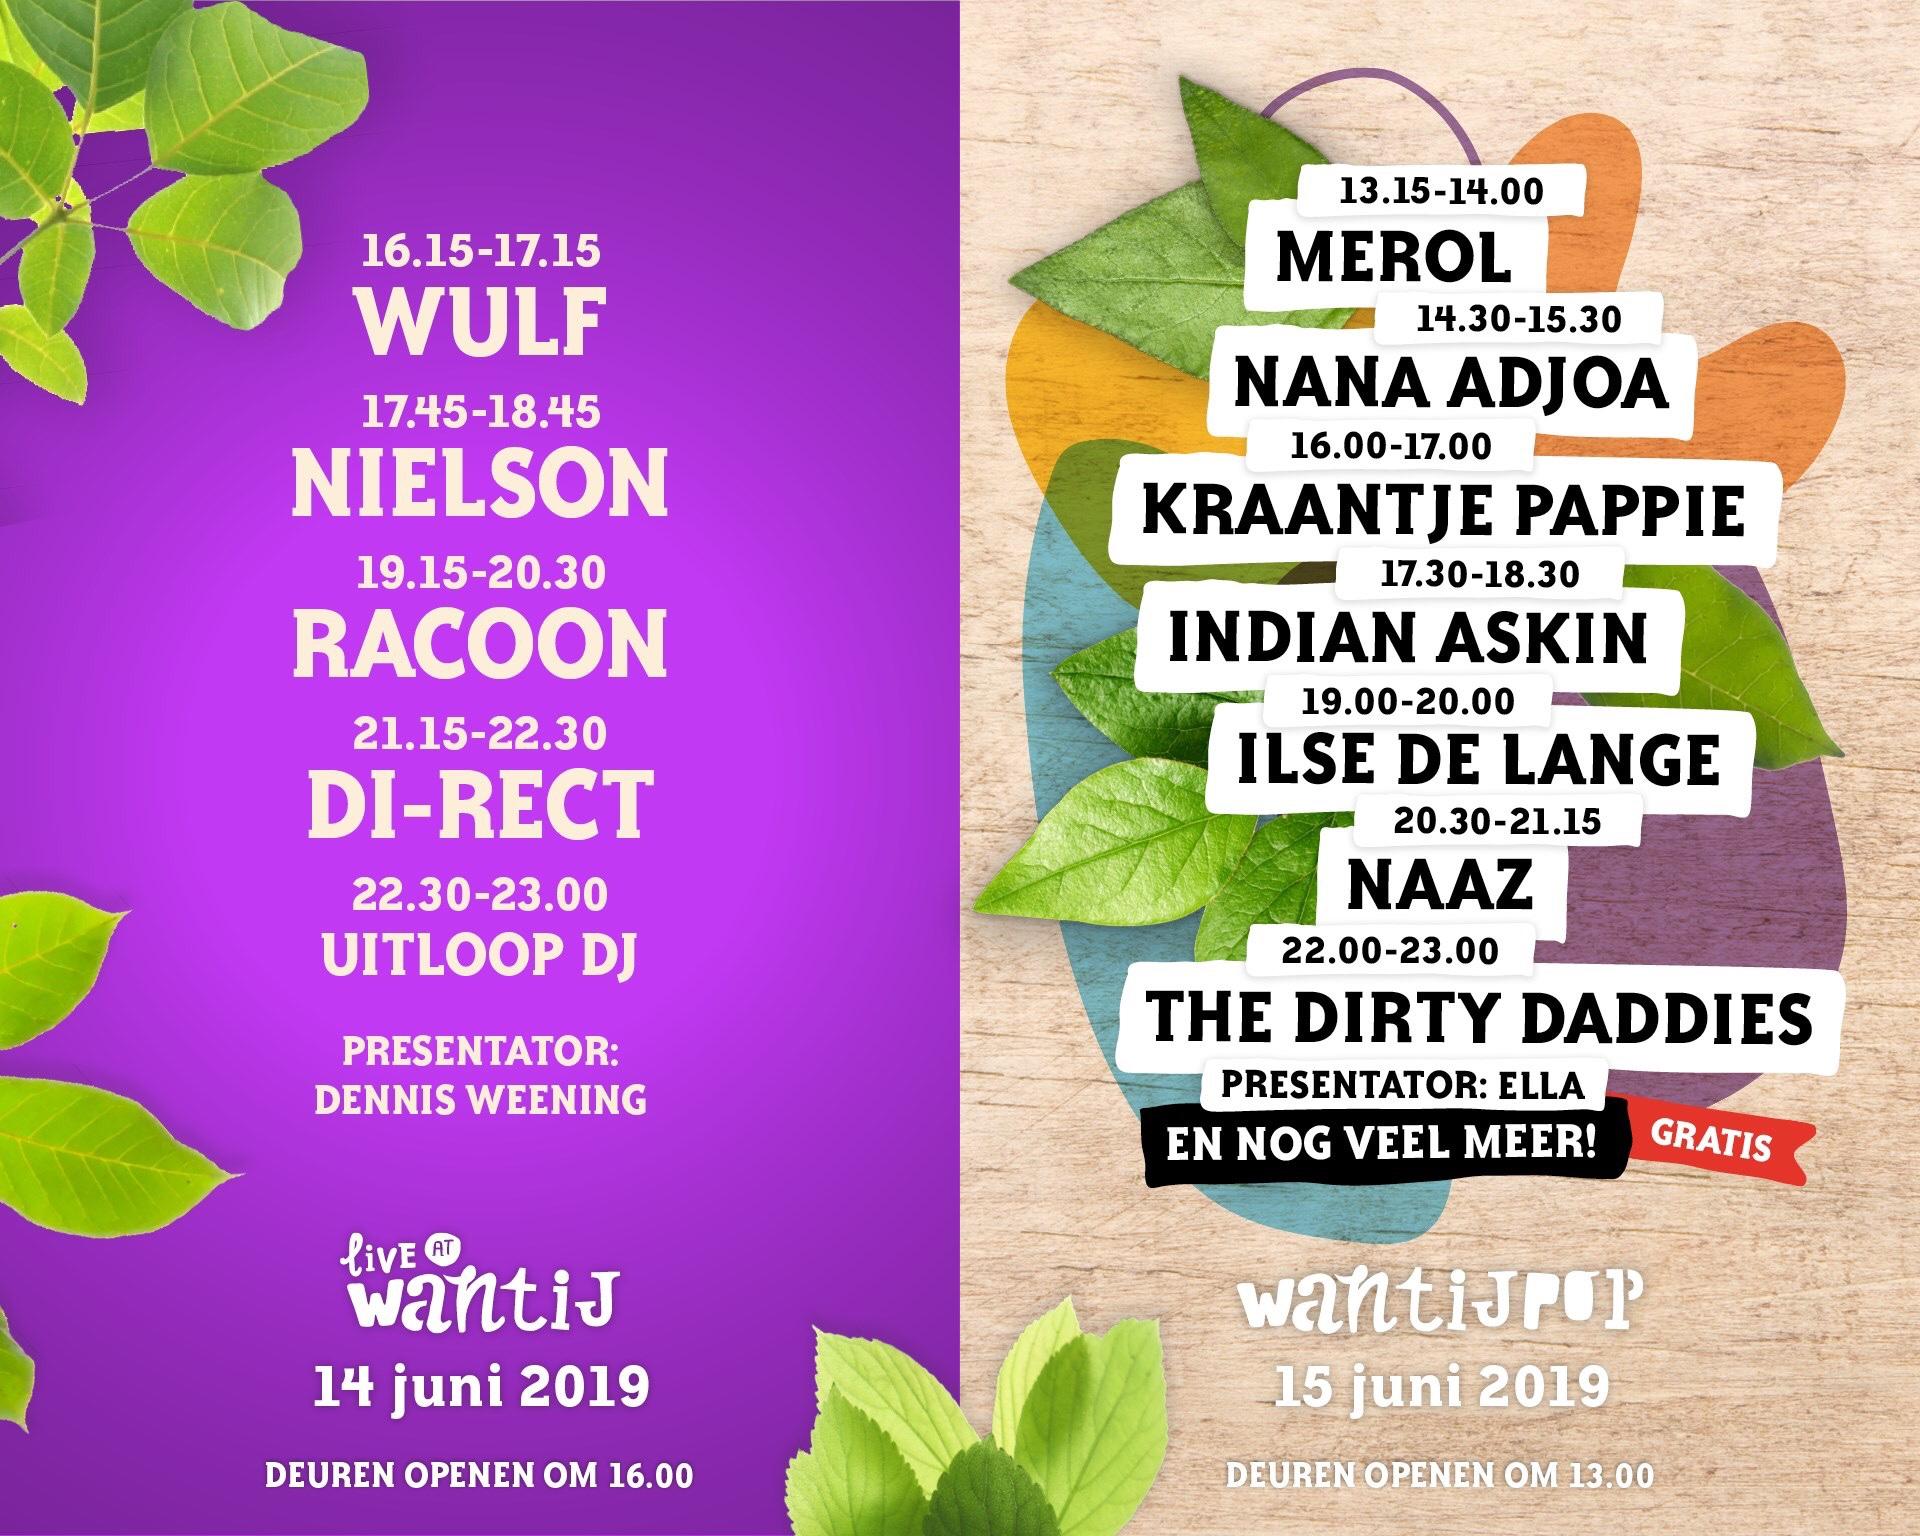 Cameratoezicht geleverd tijdens live at Wantij en Wantijpop Dordrecht! #camerabeveiliging #wantij #wantijpop #dordrecht #beveiliging